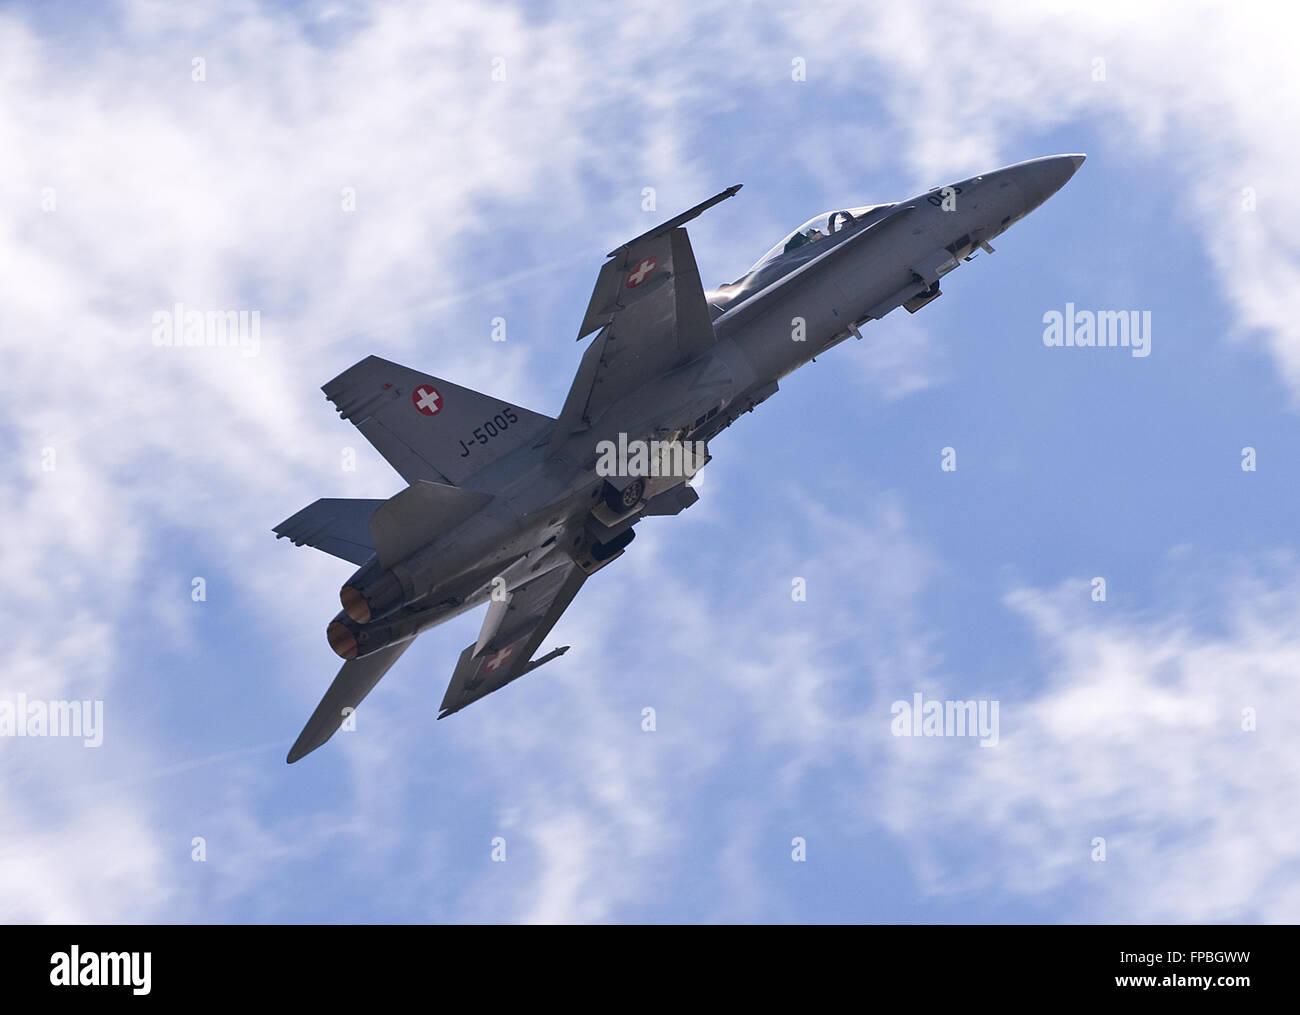 Schweizer Luftwaffe, Swiss Air Force F/A-18C Hornet J-5005 - Stock Image